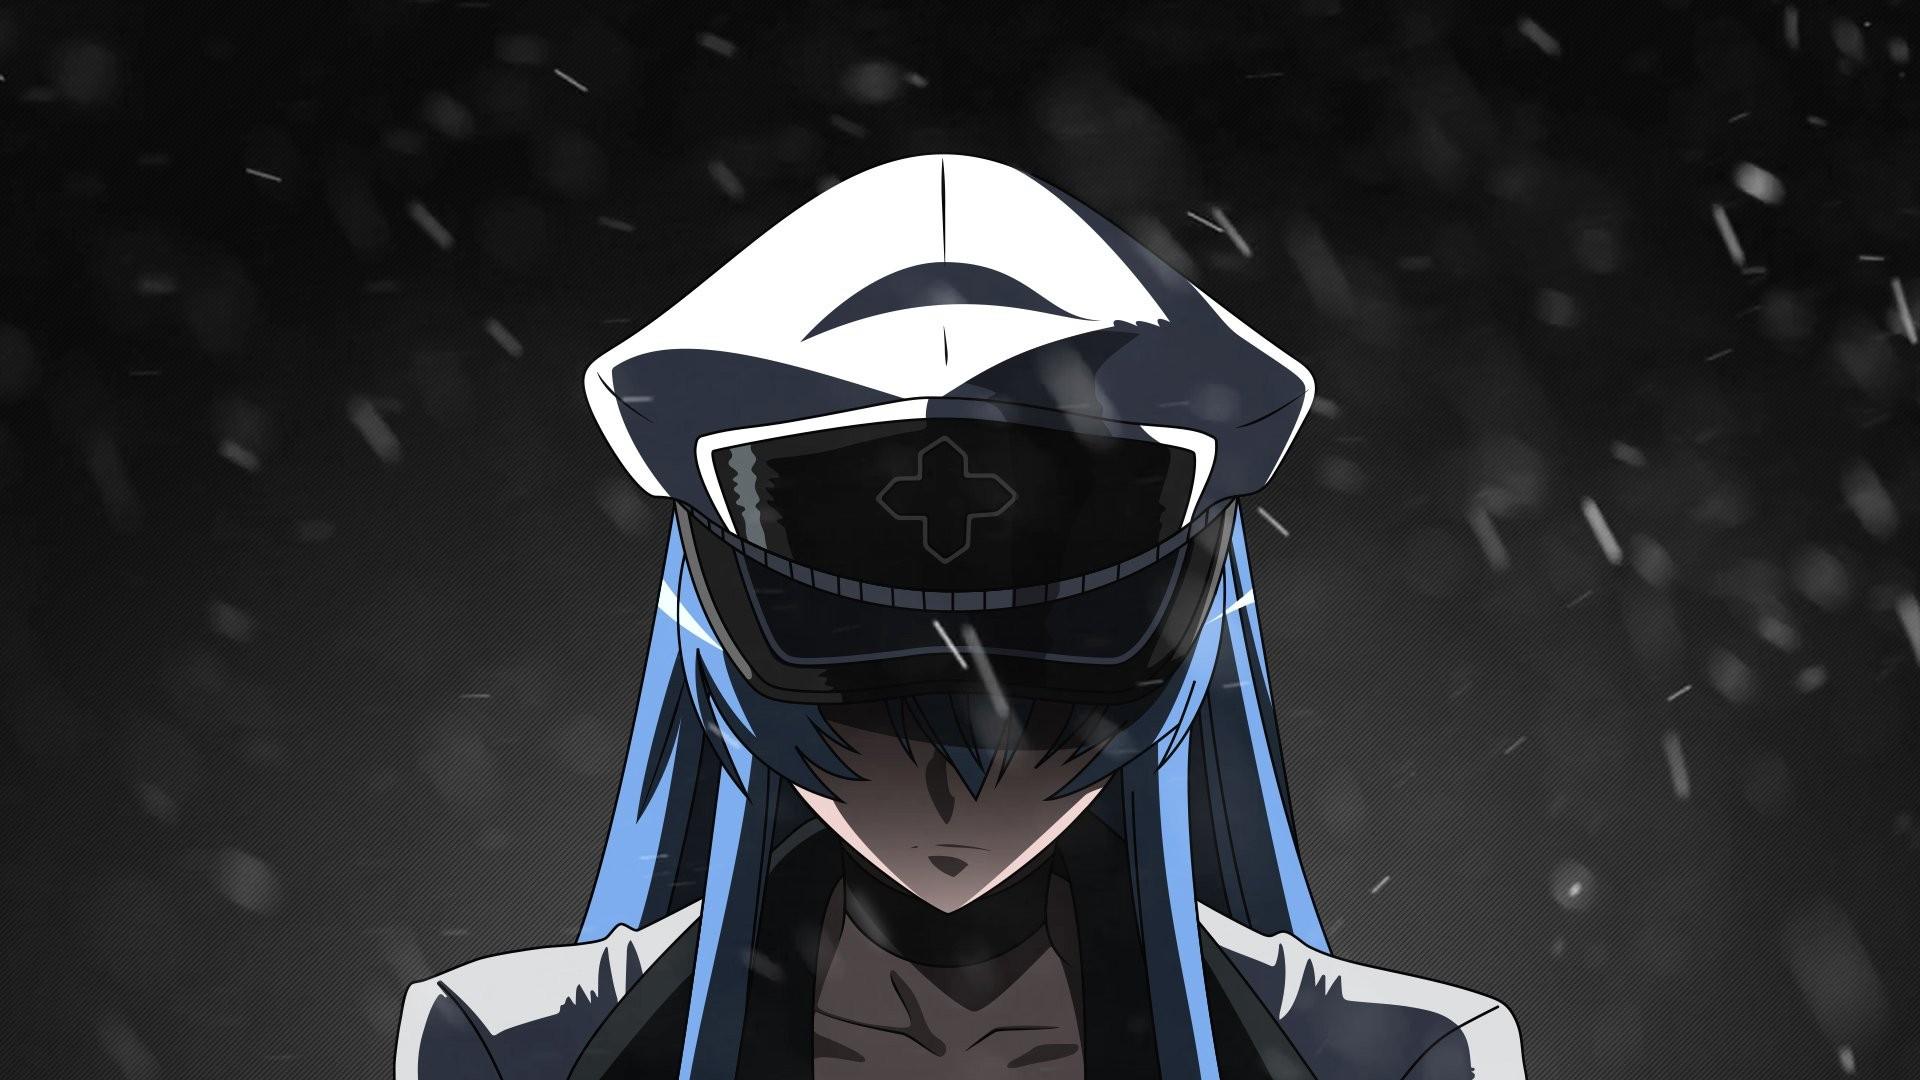 デスクトップ壁紙 黒 モノクロ アニメの女の子 アカメガキル